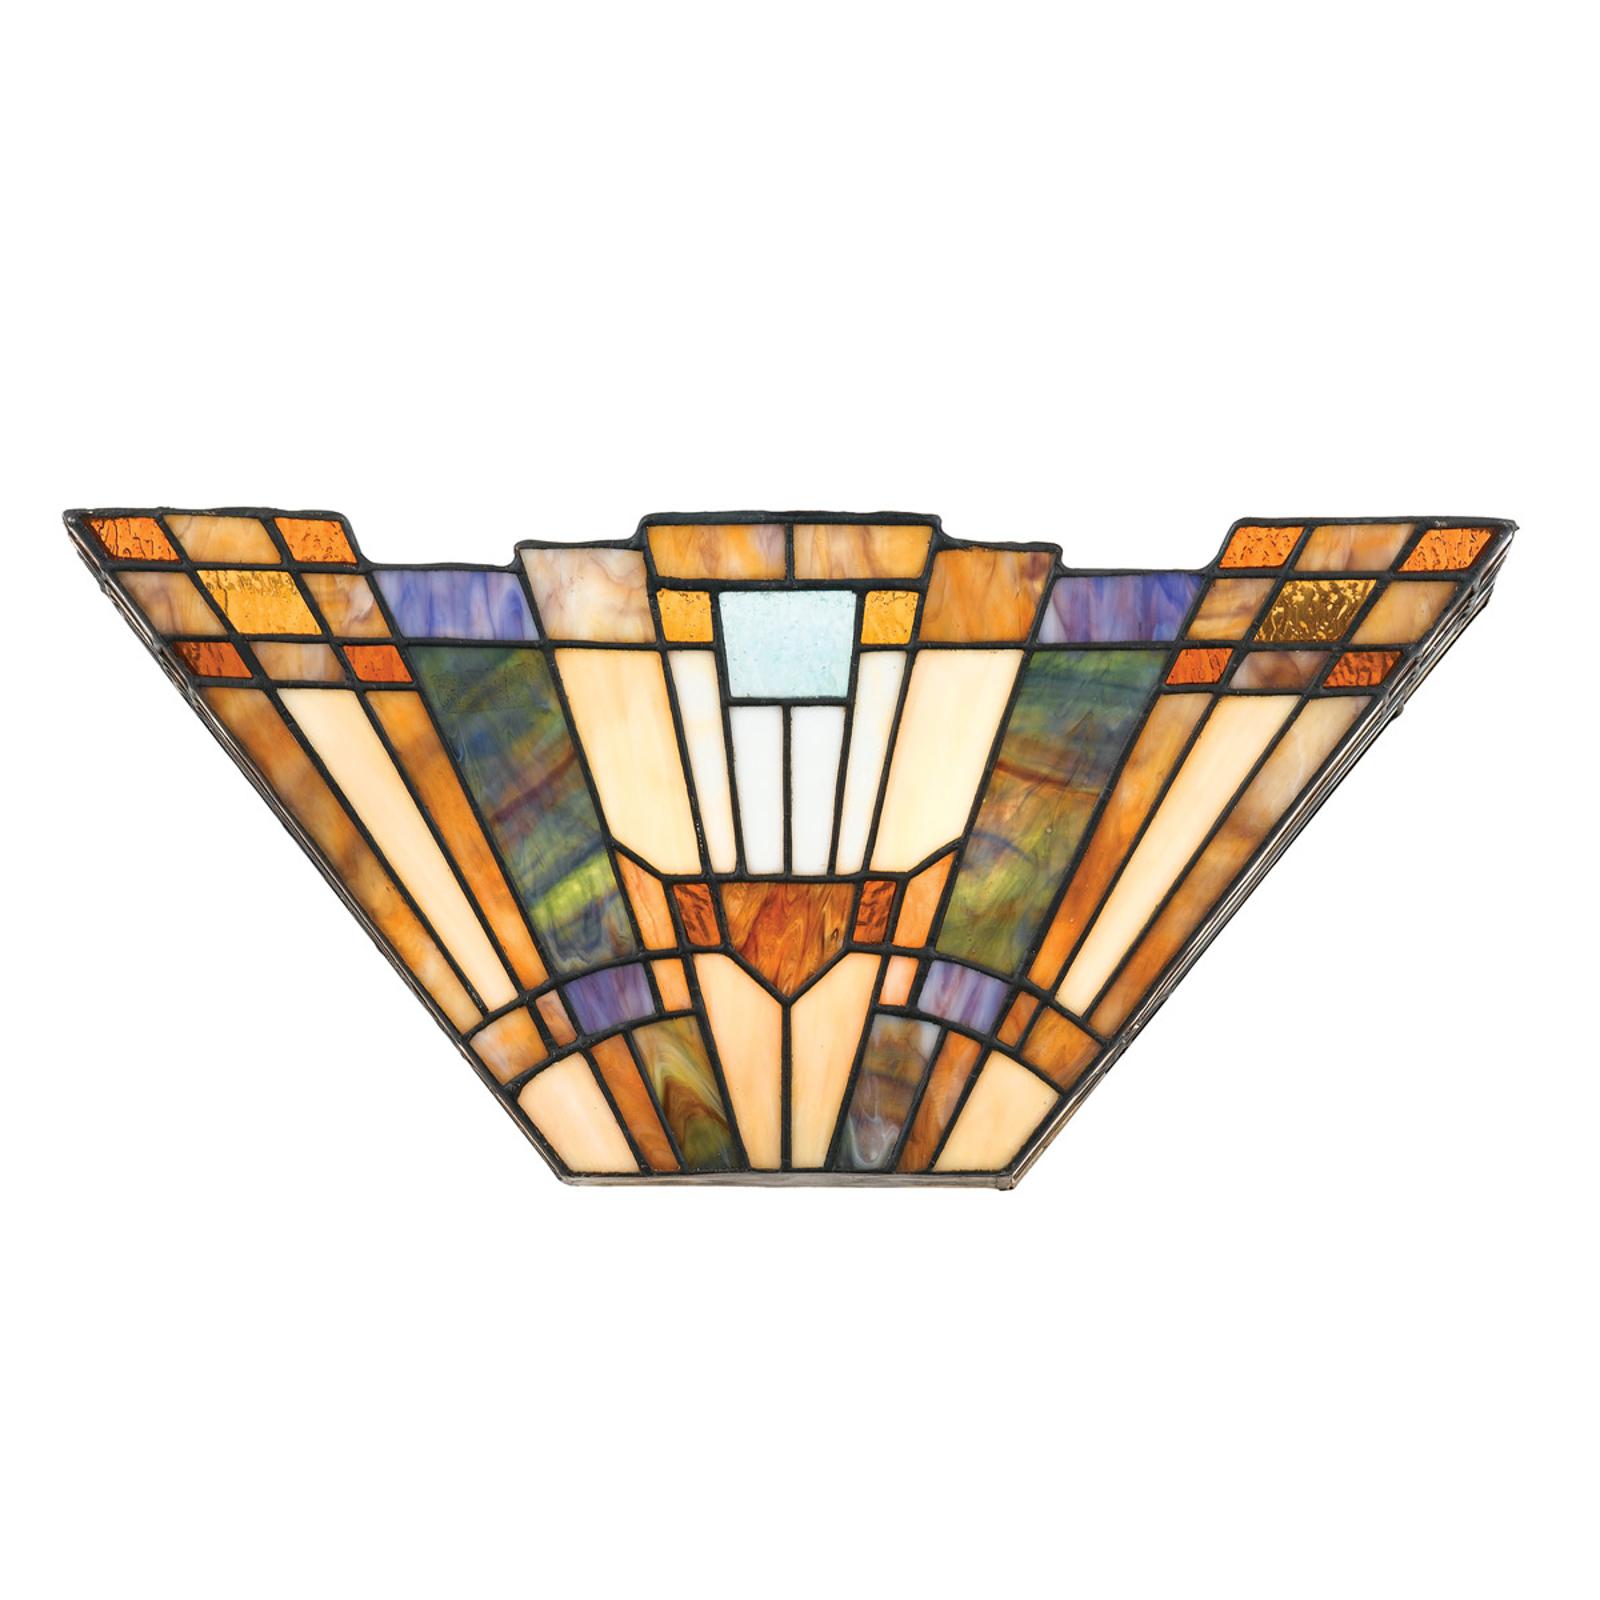 Nástenné svetlo Inglenook s farebným sklom_3048345_1